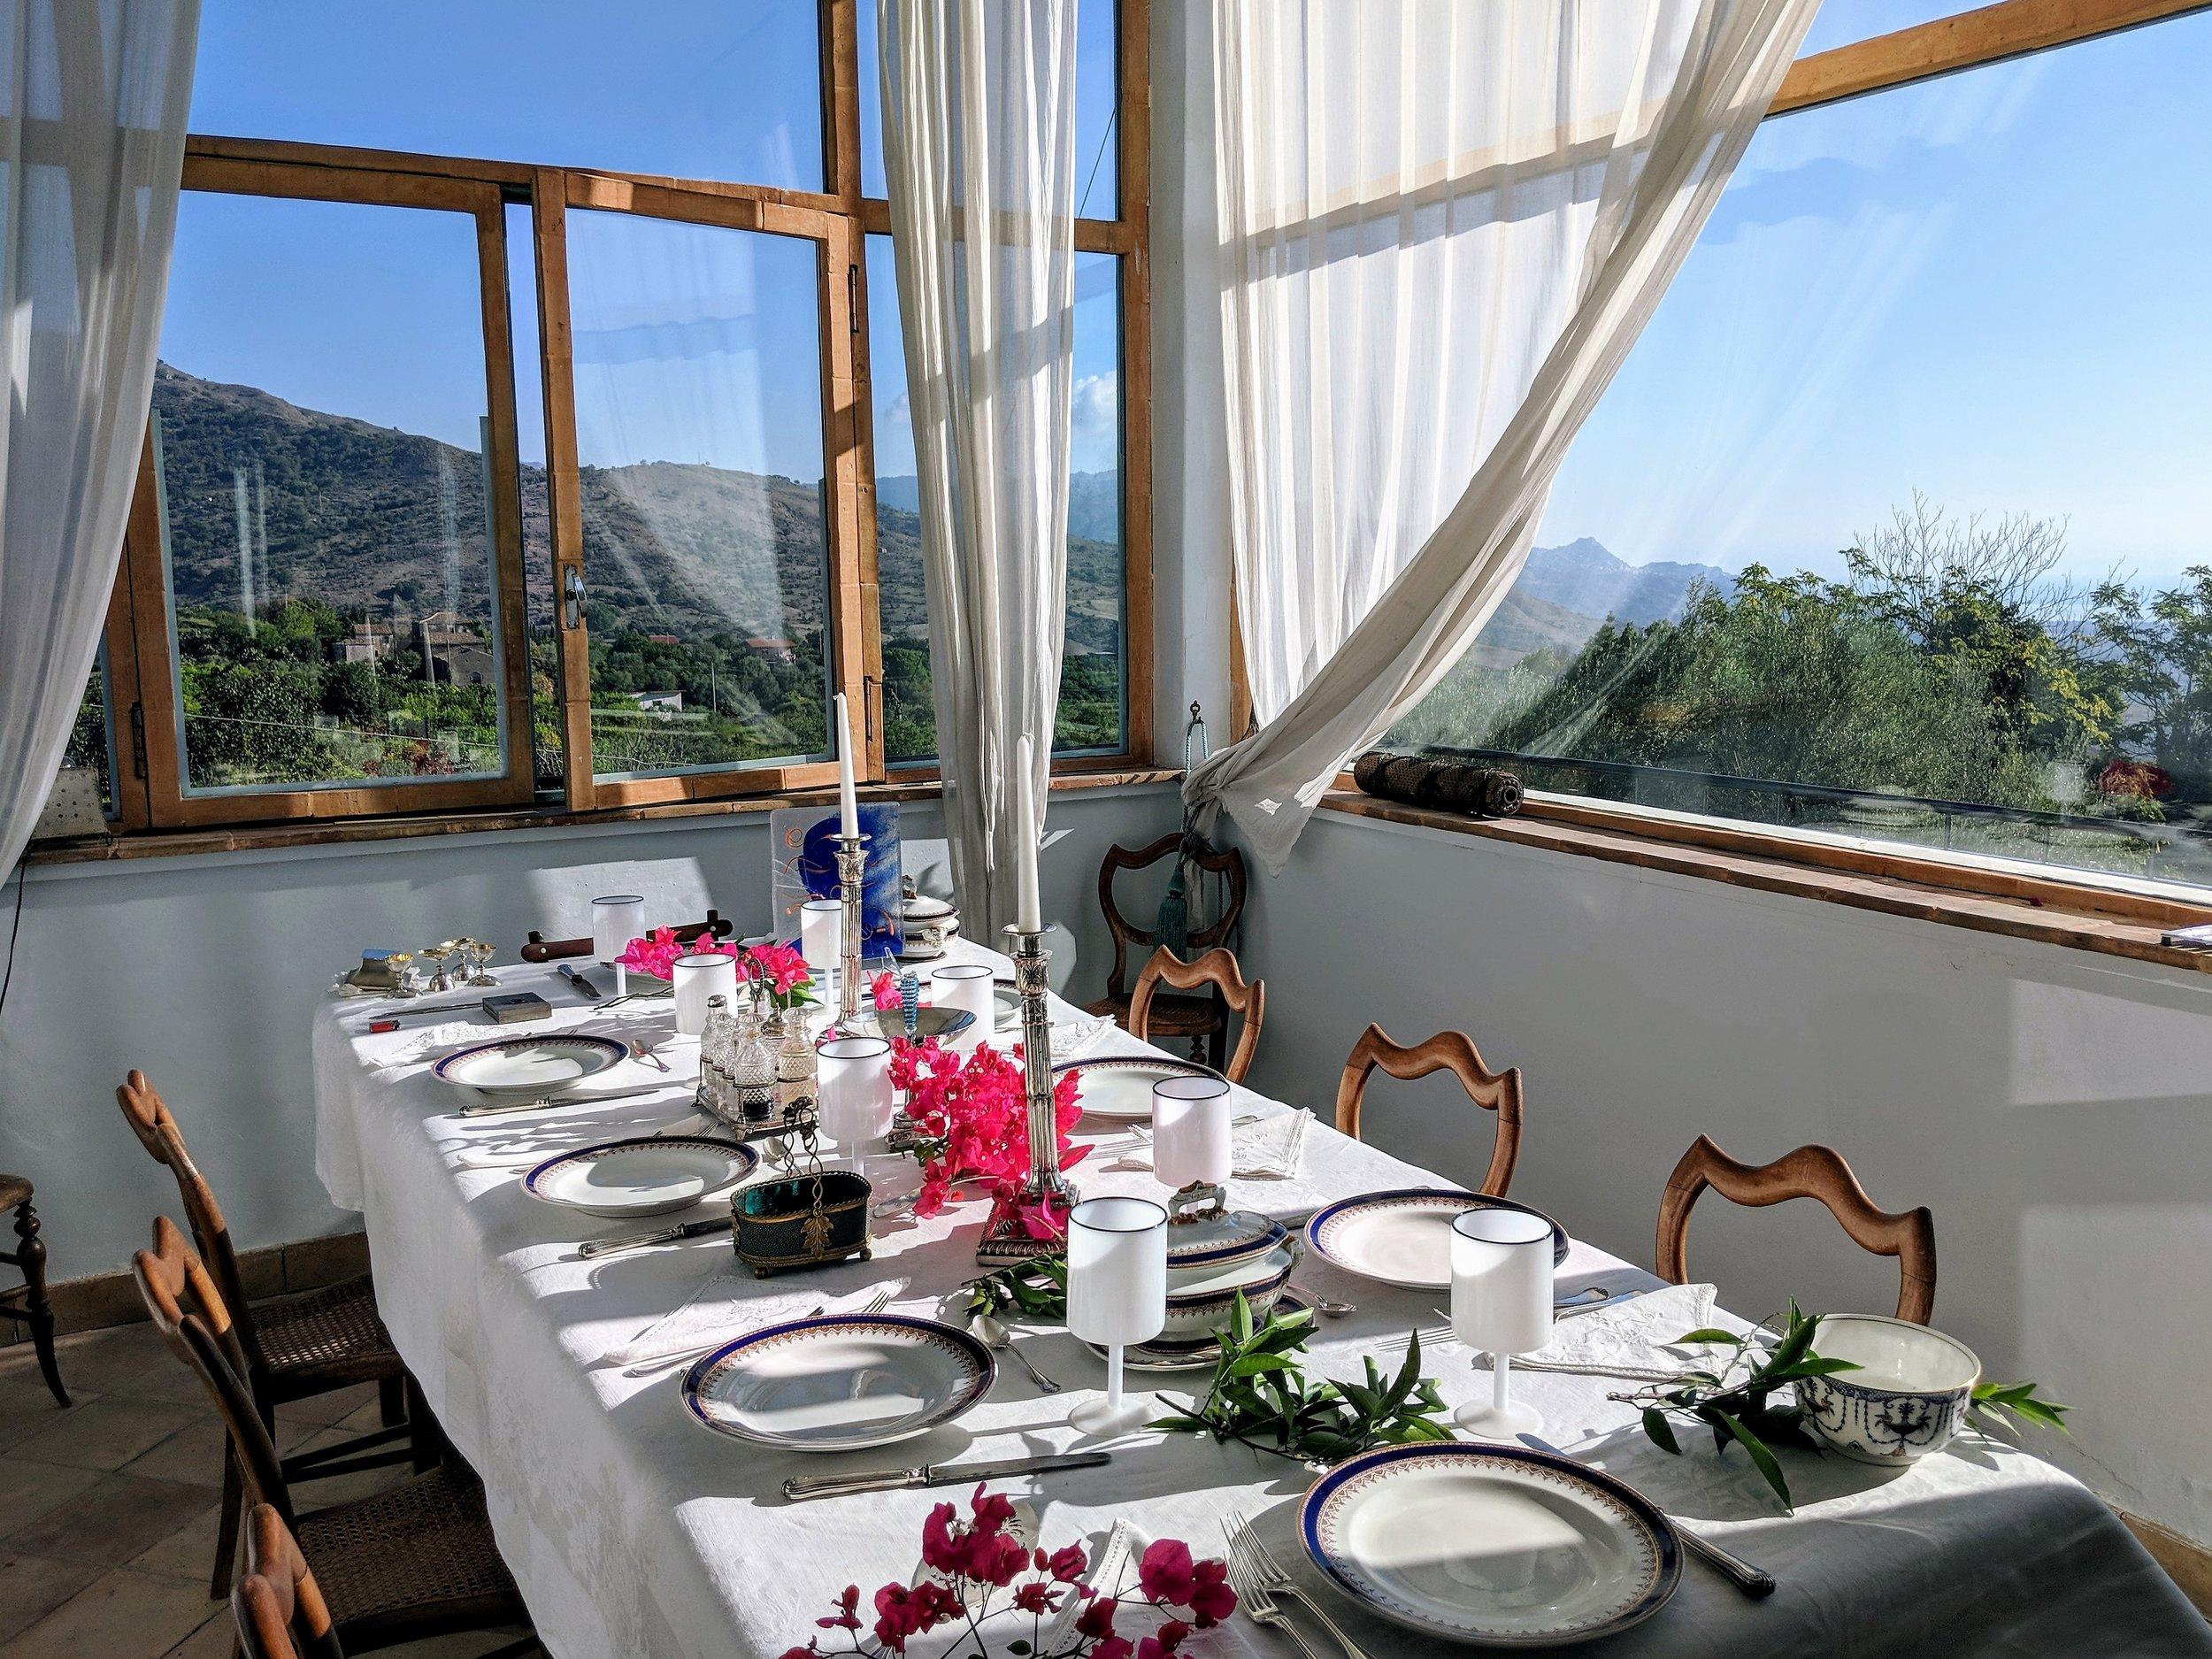 58 dining room windows 2 villa ama sicily.jpg